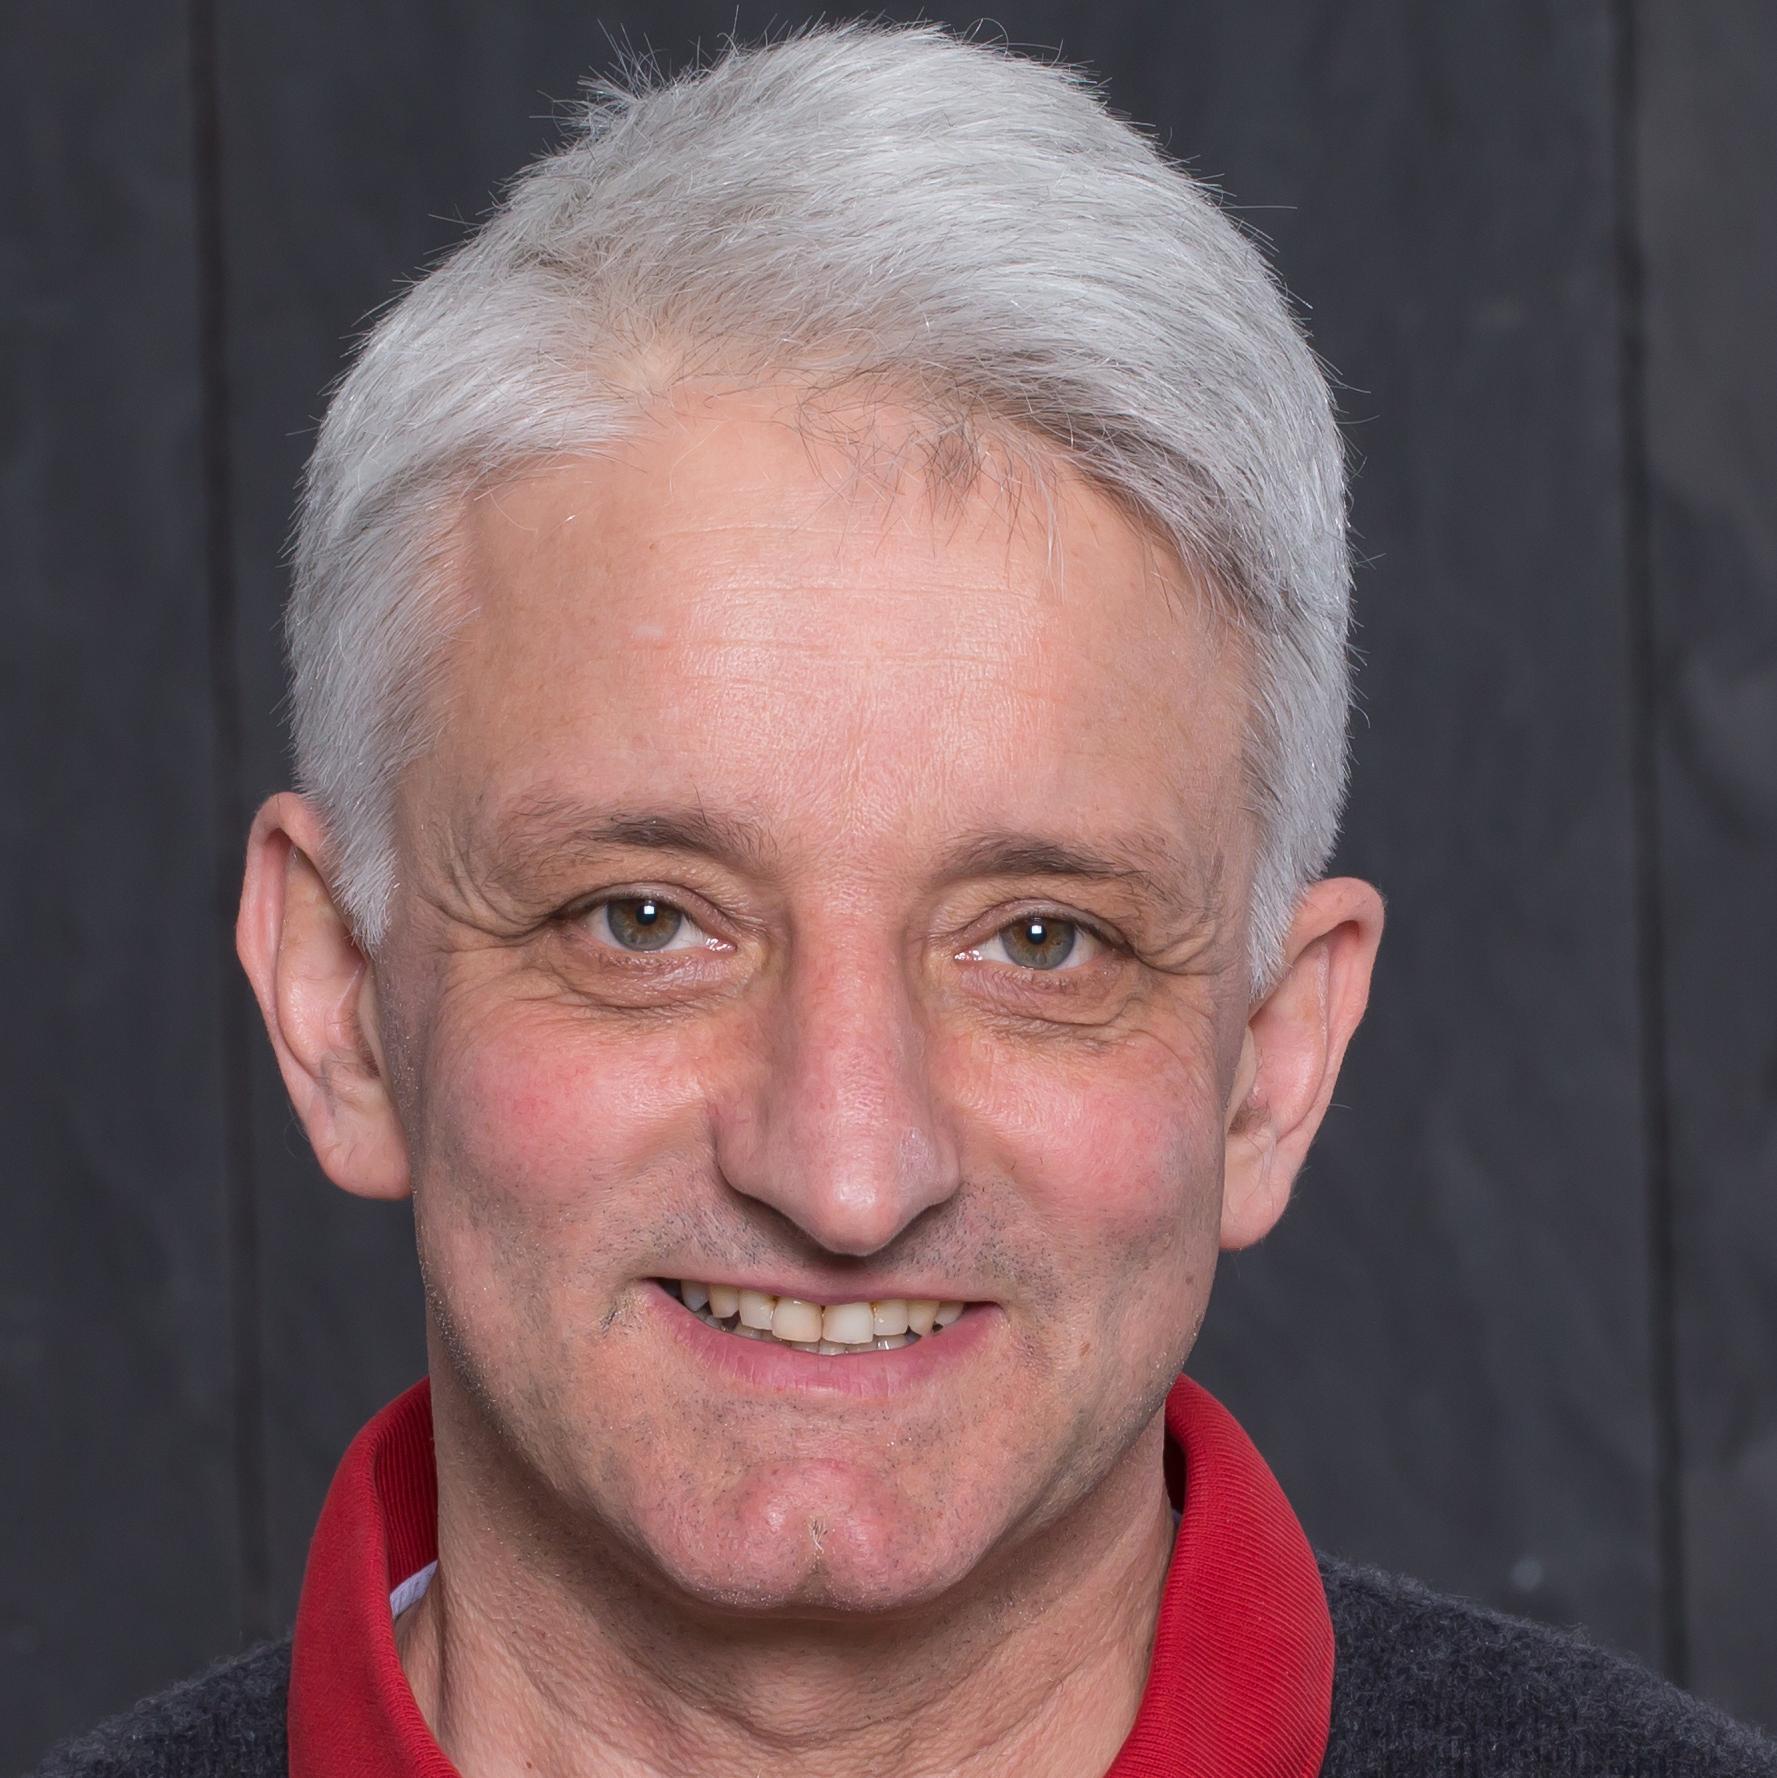 Werner Bader